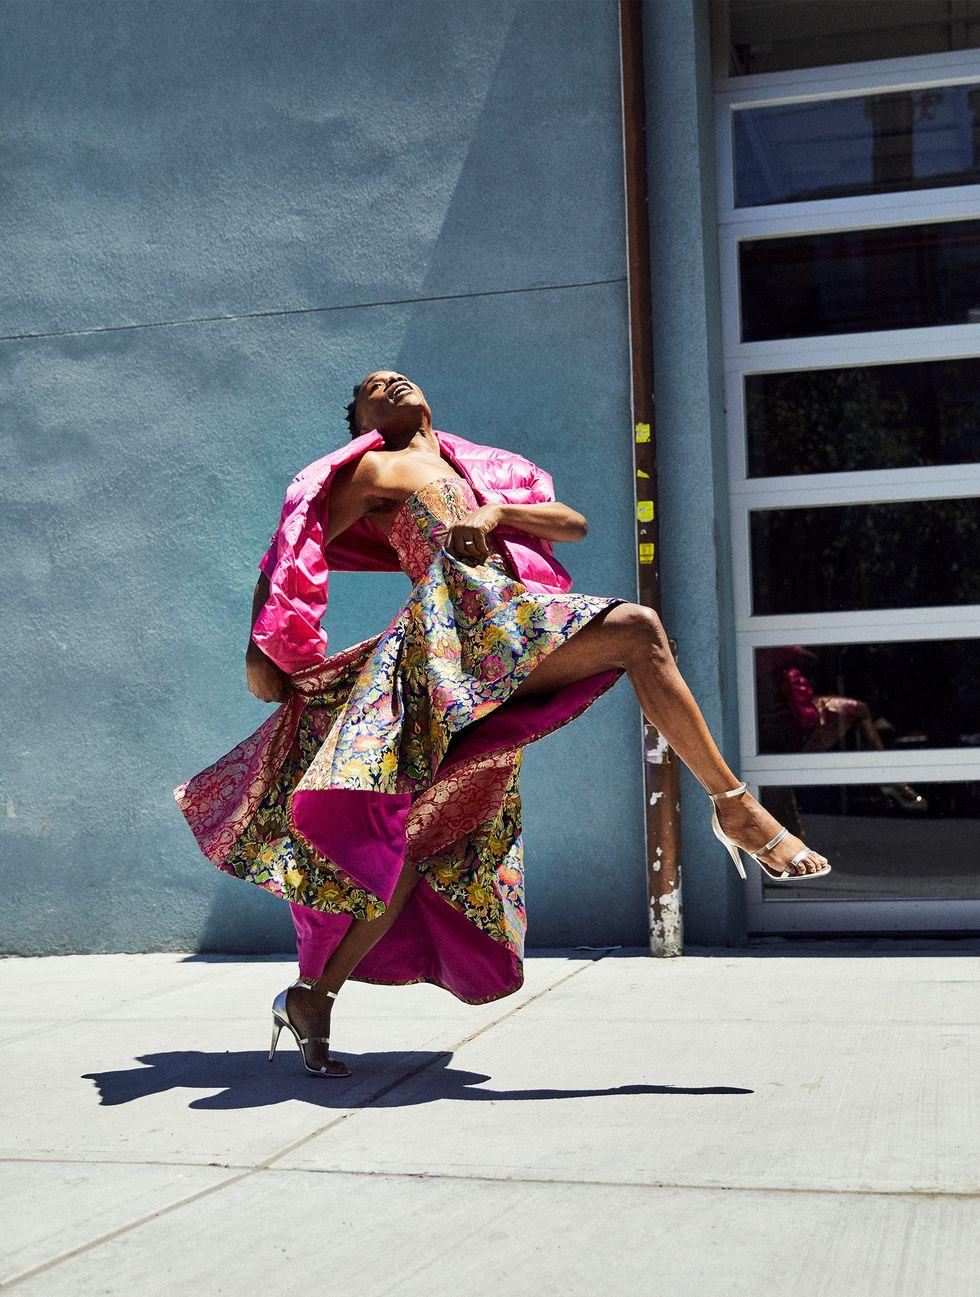 Платье ишарф Prabal Gurung, обувь Tamara Melon